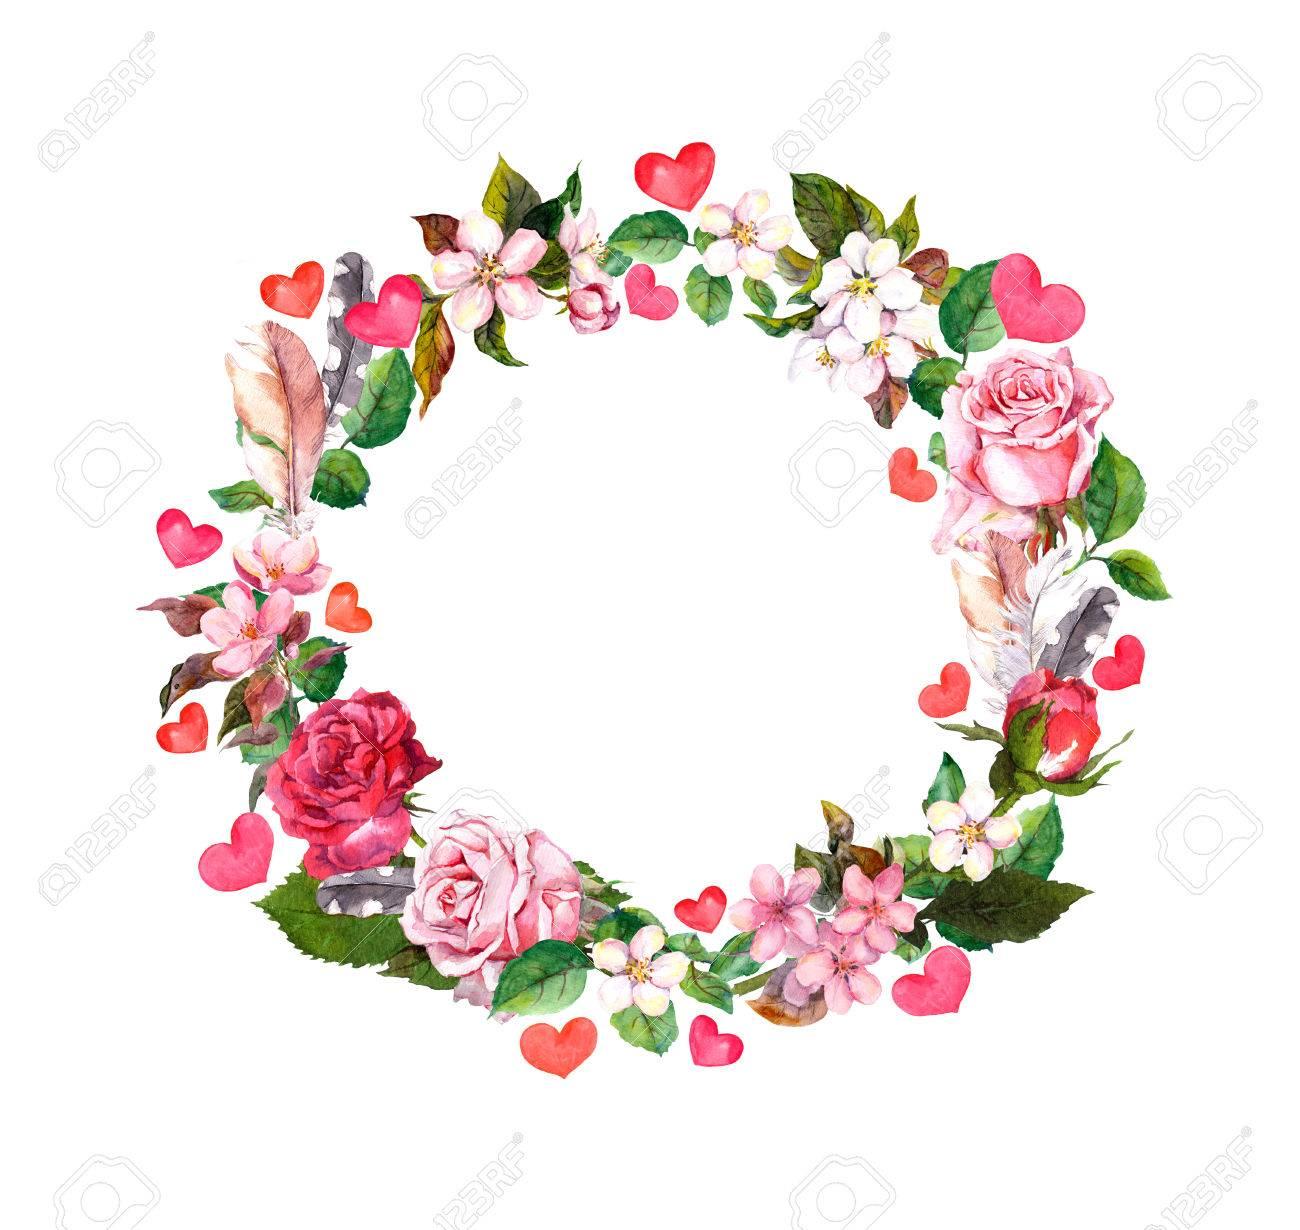 Blumenkranz Rosen Blumen Federn Herzen Aquarell Runde Grenze